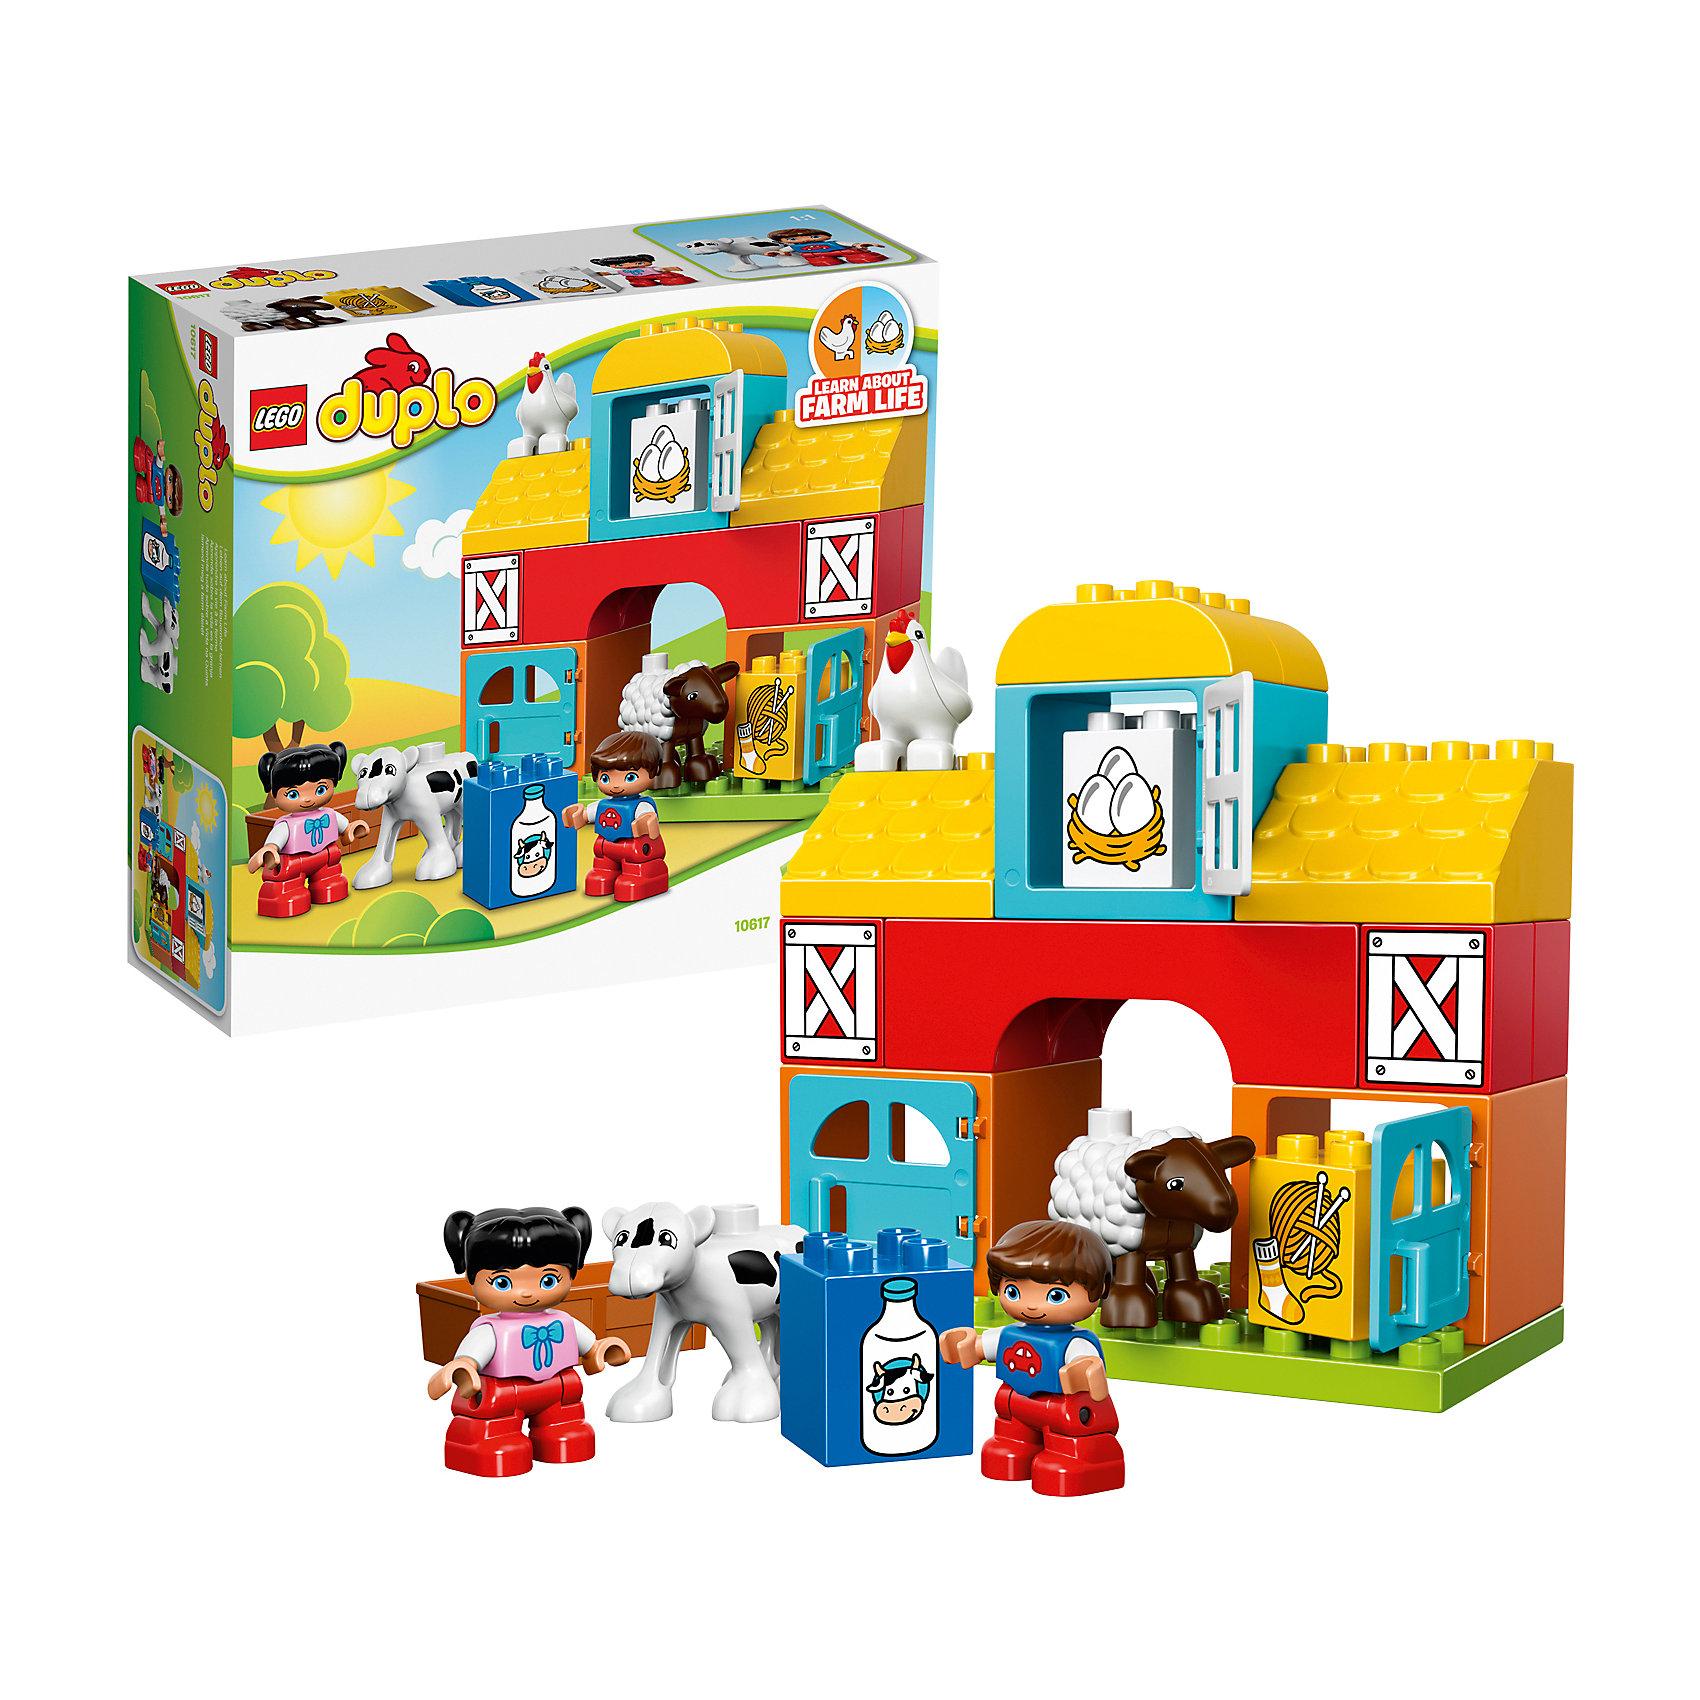 LEGO DUPLO 10617: Моя первая фермаИзучайте с малышом деревенских животных вместе с конструктором LEGO DUPLO (ЛЕГО Дупло) 10617: Моя первая ферма! При помощи 3 обучающих кубиков с яркими иллюстрациями ваш ребенок узнает о том, откуда в магазине берутся бутылки с молоком, куриные яйца и что можно сделать из овечьей шерсти. В собранном виде ферма представляет собой небольшой домик, в котором бок обок живут домашние животные: овечка, курочка и корова. На первом этаже устроены два хлева с открывающимися дверьми и кормушками. В них живут корова и овечка. На втором этаже устроен склад сена, а на чердаке – соломенный насест для курочки. Чтобы разнообразить игру, соедините с набором ЛЕГО Дупло 10615: Мой первый трактор.<br><br>Конструкторы LEGO DUPLO (ЛЕГО ДУПЛО), предназначенные для детей дошкольного возраста, сочетают игру и обучение, а также развивают мелкую моторику, пространственное мышление и творческие способности малышей и дошкольников. Кубики LEGO DUPLO (ЛЕГО ДУПЛО) в 8 раз больше, чем обычные кубики, что позволяет ребенку удобно их держать и быстро строить. Большое количество дополнительных элементов делает игровые сюжеты по-настоящему захватывающими и реалистичными. Все наборы ЛЕГО ДУПЛО соответствуют самым высоким европейским стандартам качества и абсолютно безопасны. <br><br>Дополнительная информация:<br>-Размер упаковки: 28,2х26,2х9,5 см<br>-Деталей: 26 шт., мини-фигурки (мальчик и девочка, овечка, курочка, корова)<br>-Размеры фермы: 18 х 19 х 9 см <br>-Вес: 0,744 кг<br>-Материал: пластик<br>-Весь набор упакован в фирменную картонную коробку ЛЕГО<br><br>LEGO DUPLO (ЛЕГО Дупло)  10617: Моя первая ферма можно купить в нашем магазине.<br><br>Ширина мм: 286<br>Глубина мм: 261<br>Высота мм: 99<br>Вес г: 658<br>Возраст от месяцев: 18<br>Возраст до месяцев: 60<br>Пол: Унисекс<br>Возраст: Детский<br>SKU: 3786050